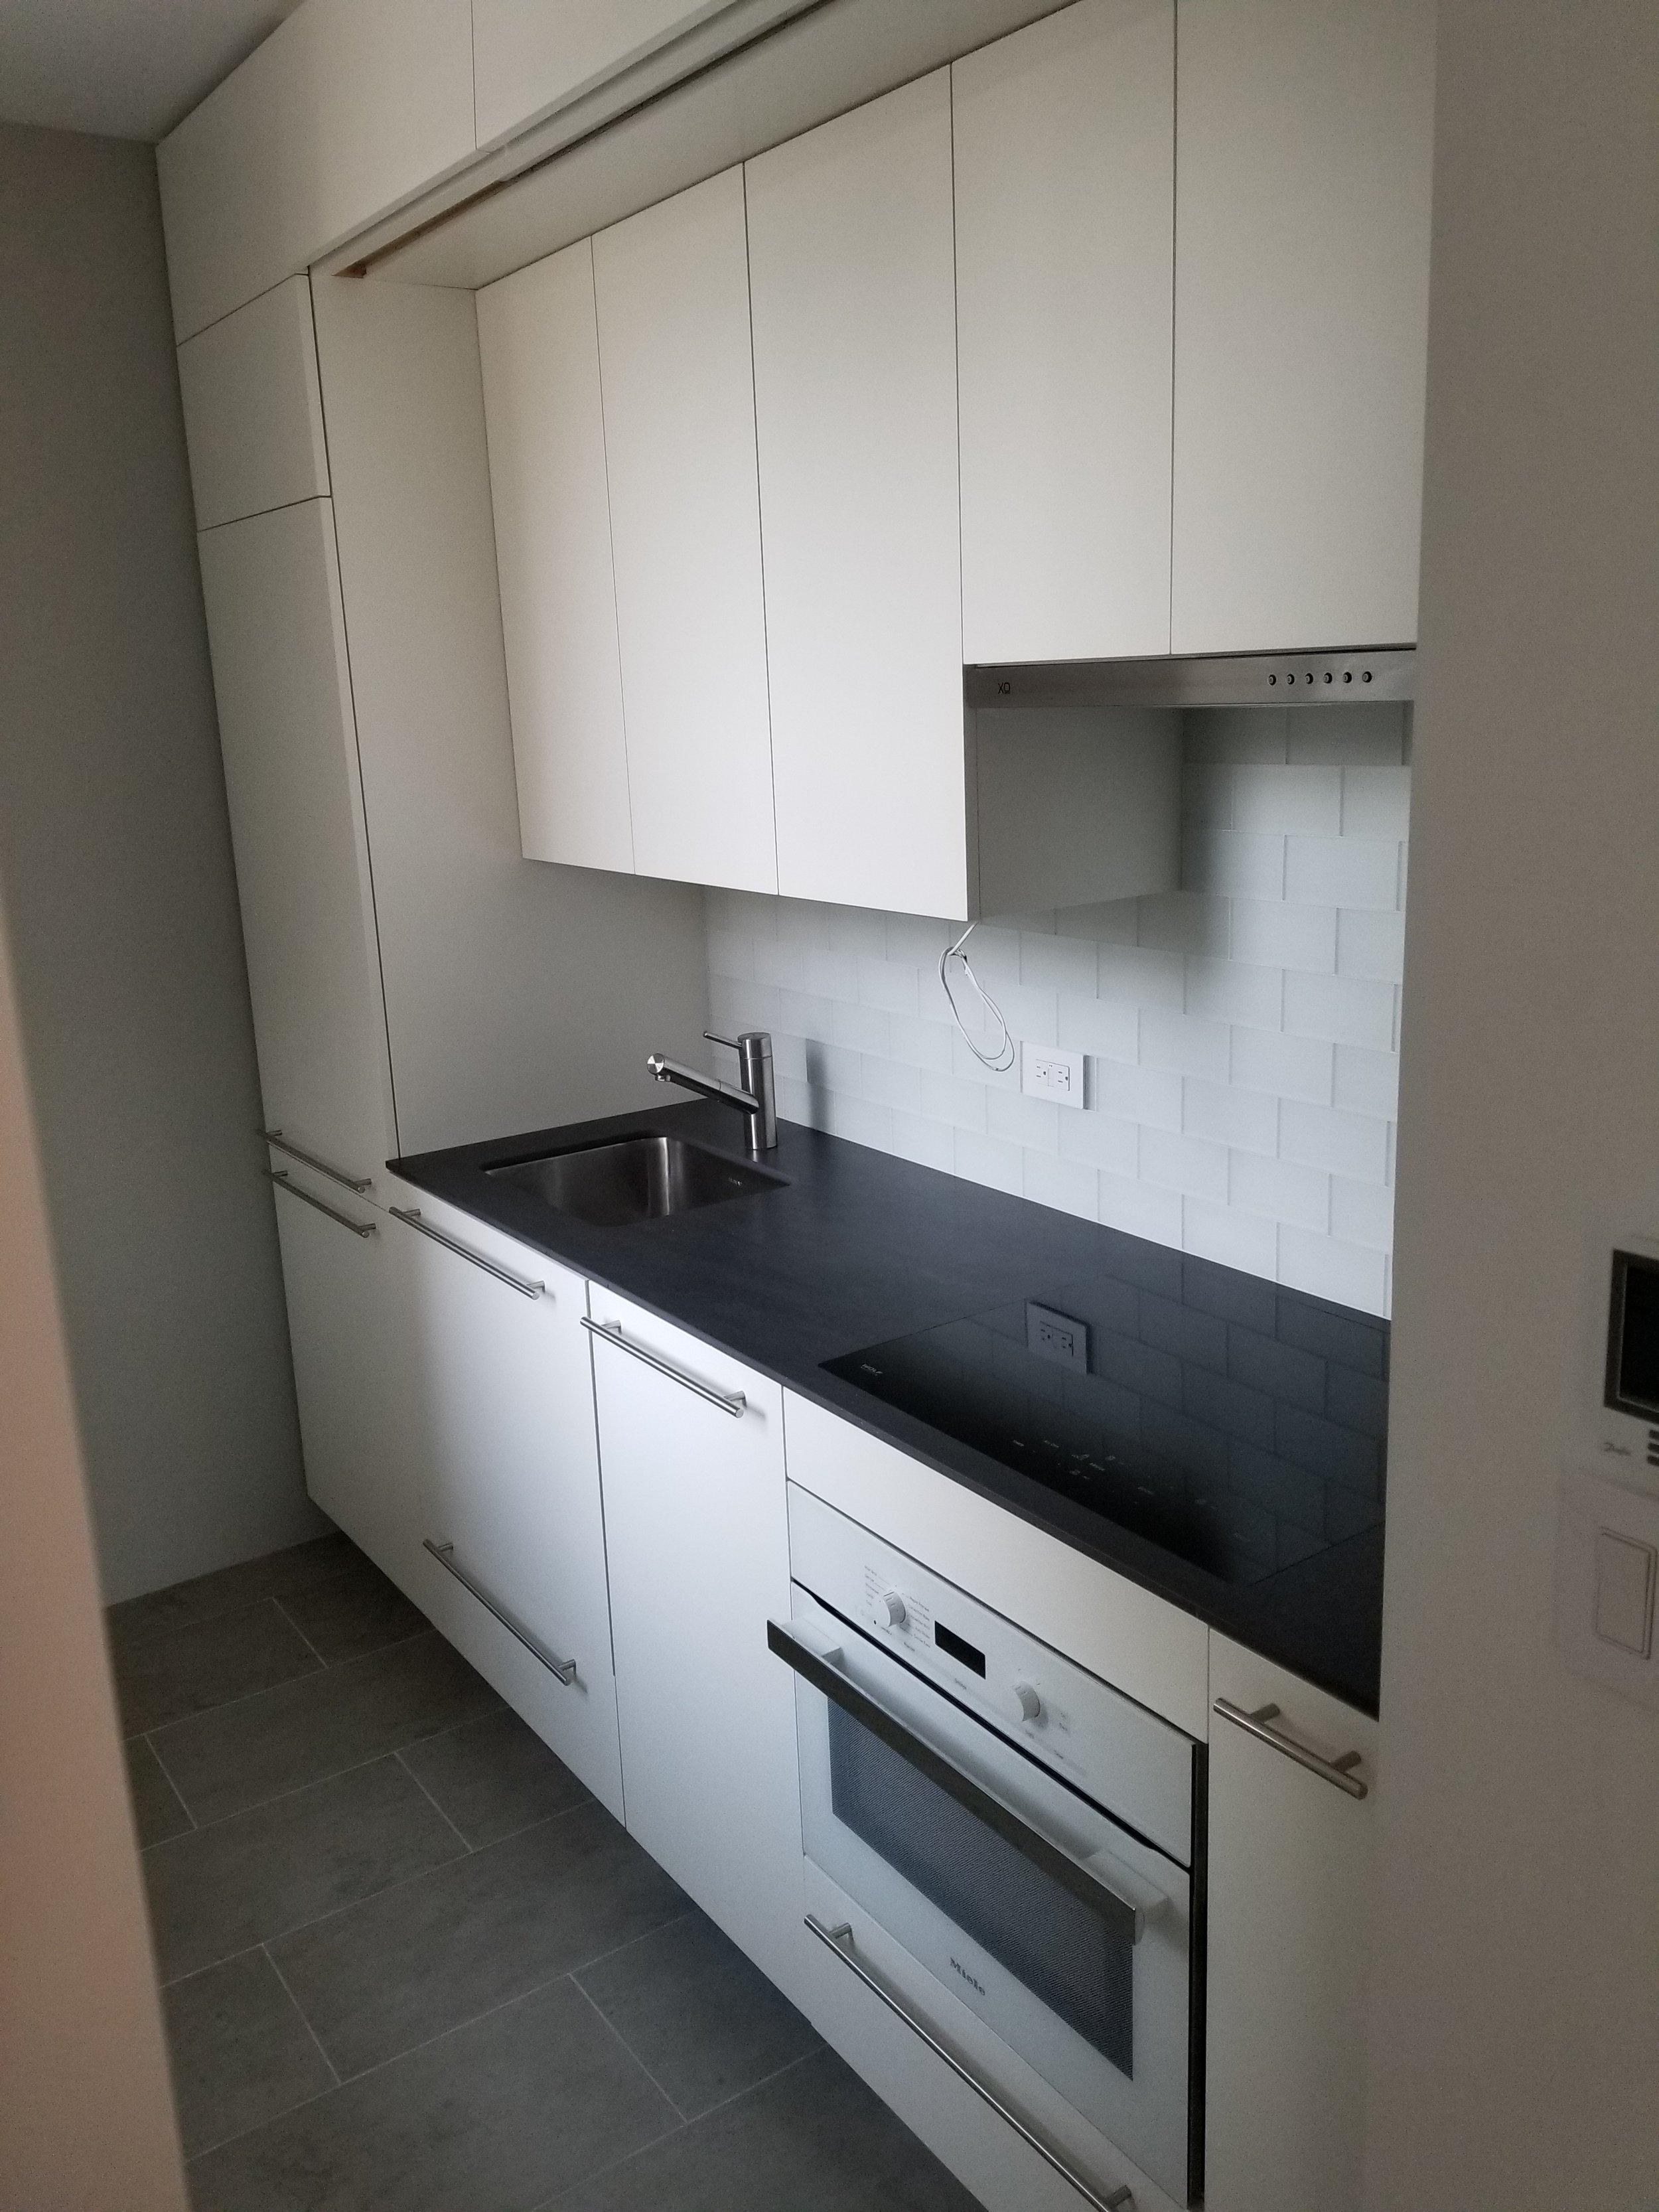 E 10 kitchen.jpg